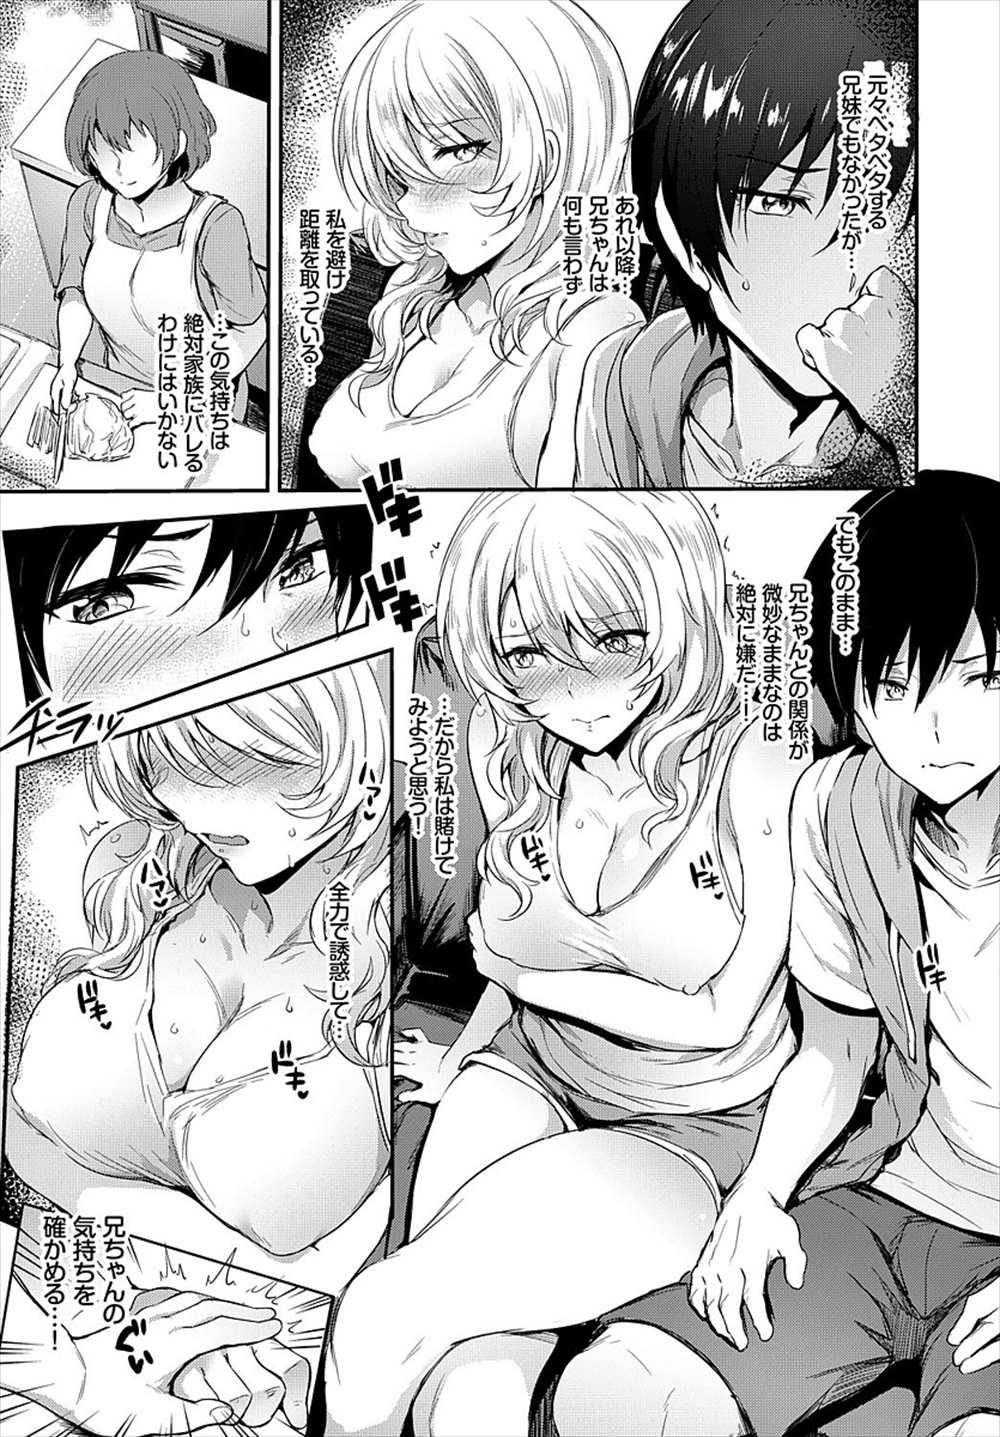 【エロ漫画】兄の服でオナニーしているのが本人バレ…誘惑して近親相姦ファックしちゃったwww【ぷよちゃ:とりっくSistar】